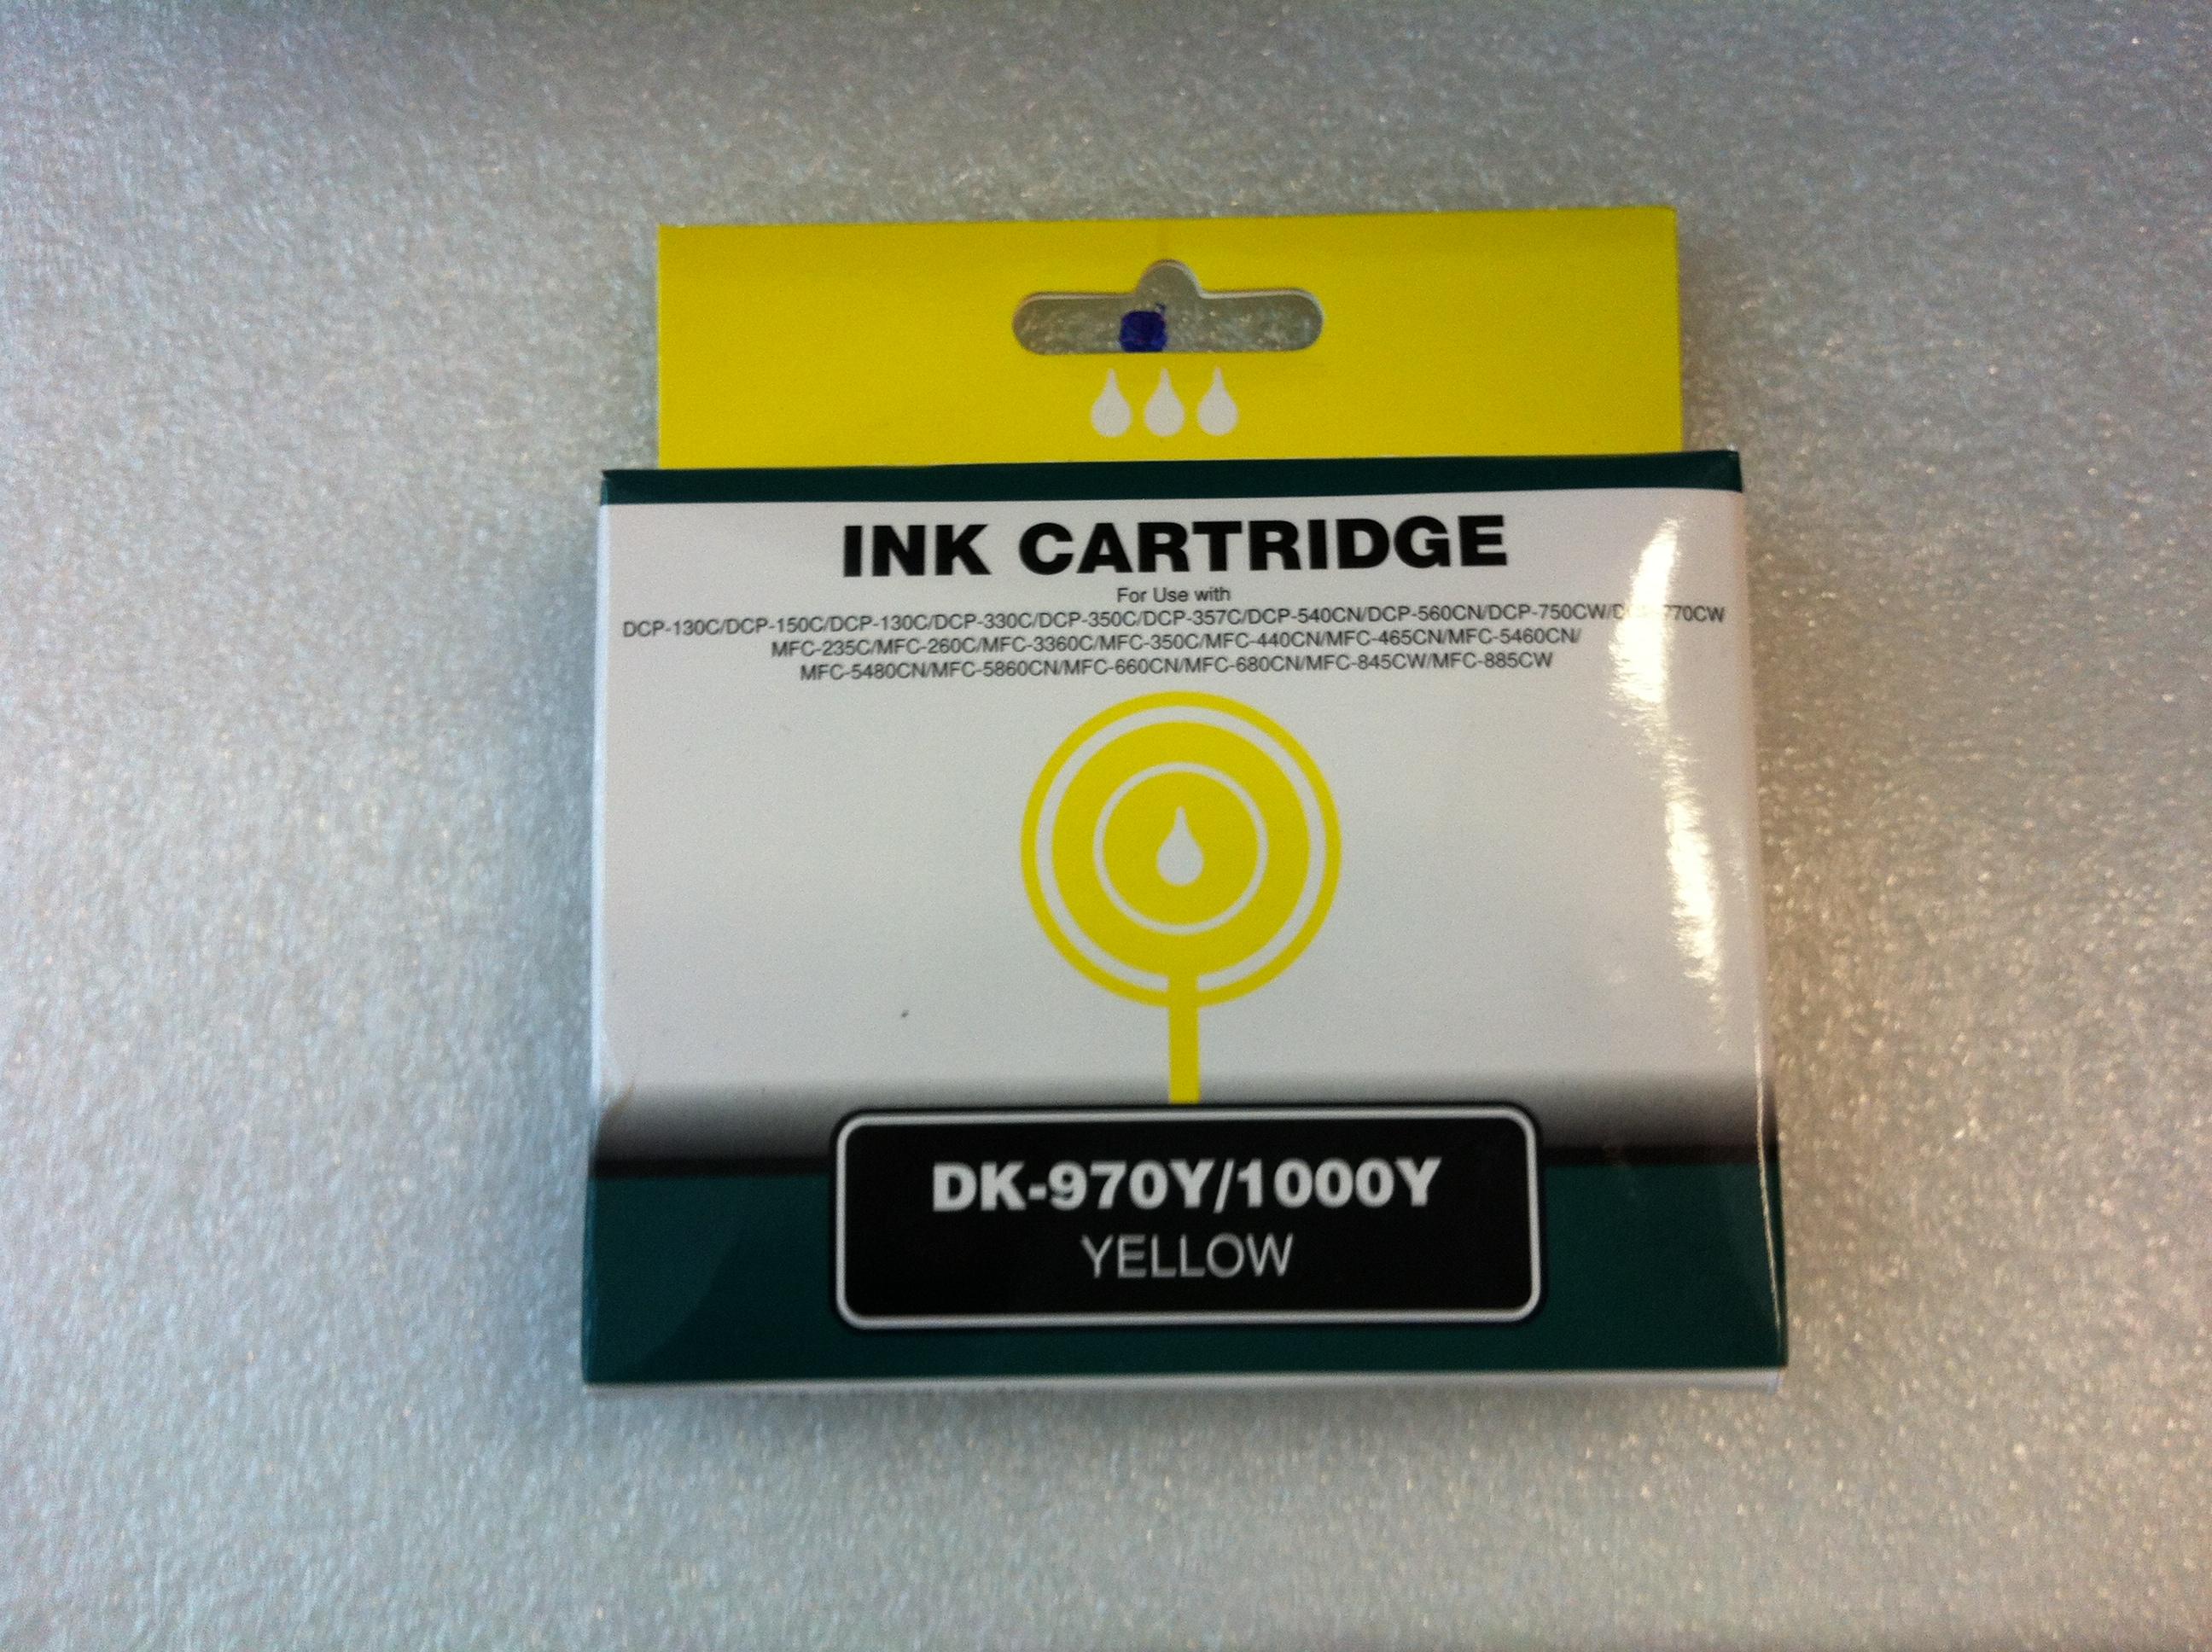 DK-970Y, DK-1000Y (Yellow), kompatibel zu LC-970Y, LC-1000Y (Yellow)